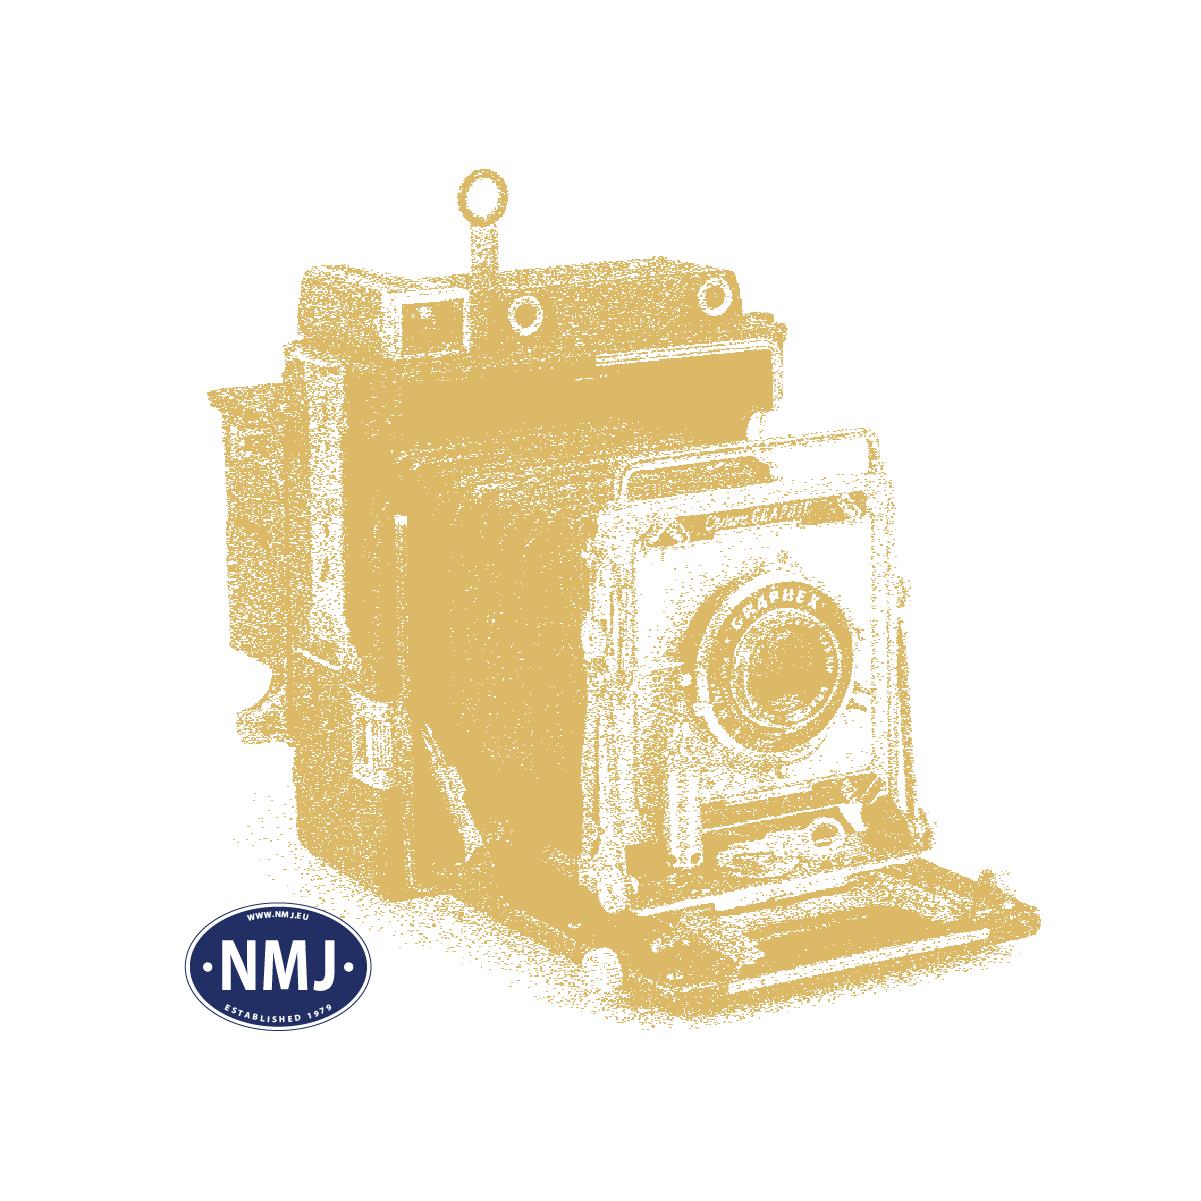 ROC51313 - Deluxe Digitalt Startsett z21, Damplokomotiv med Lyd, 4 Vogner, WiFi og Trådløs Håndkontroll